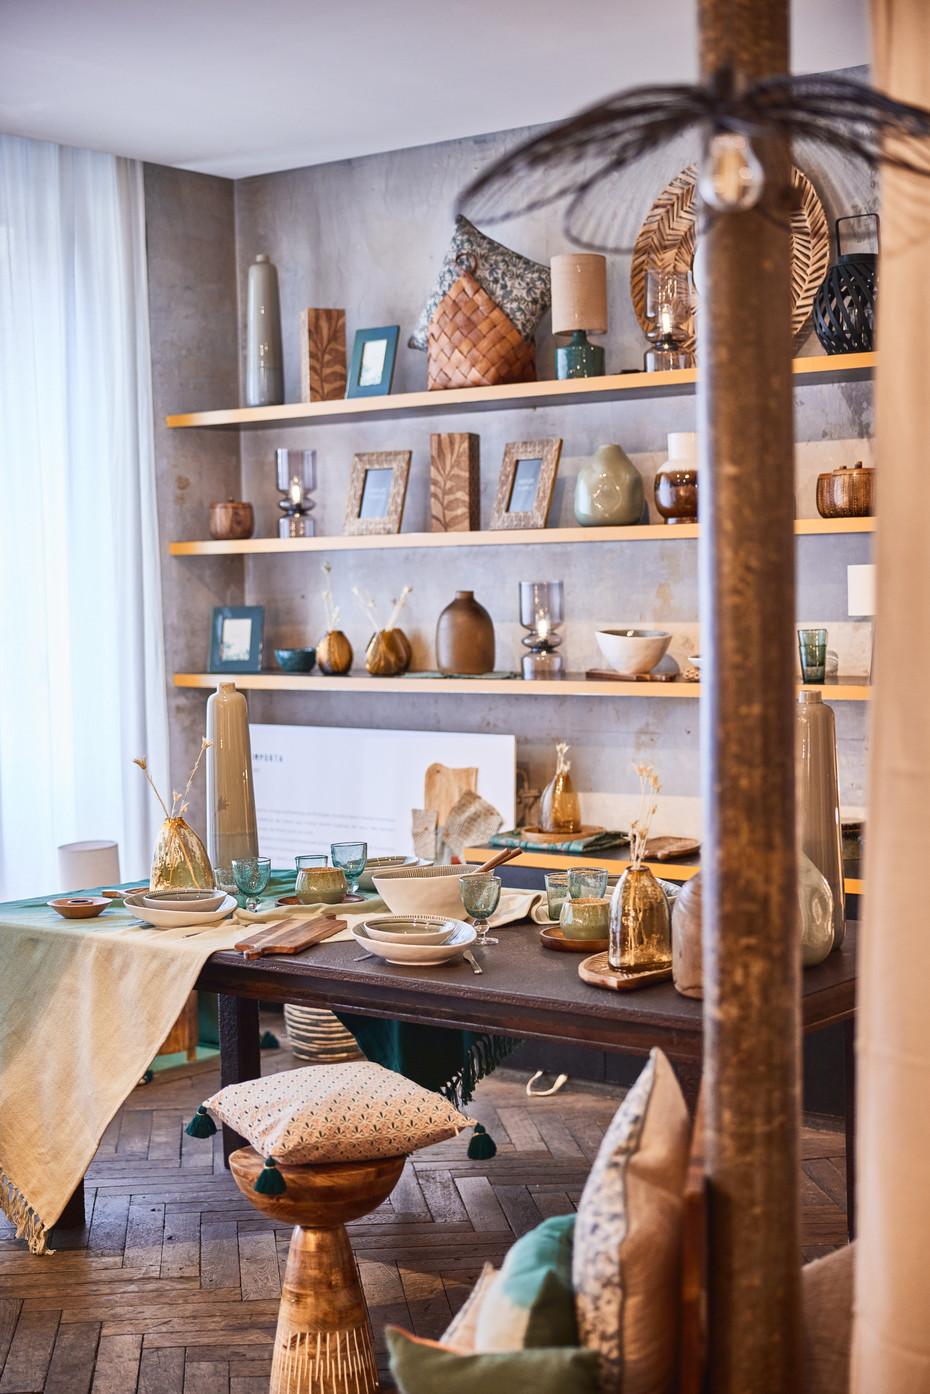 Aménagement de six corners pour la présentation de la nouvelle collection d'objet de décoration Maison du Monde. Chaque corner fait écho à une ville internationale qui se démarque par son histoire et son artisanat.